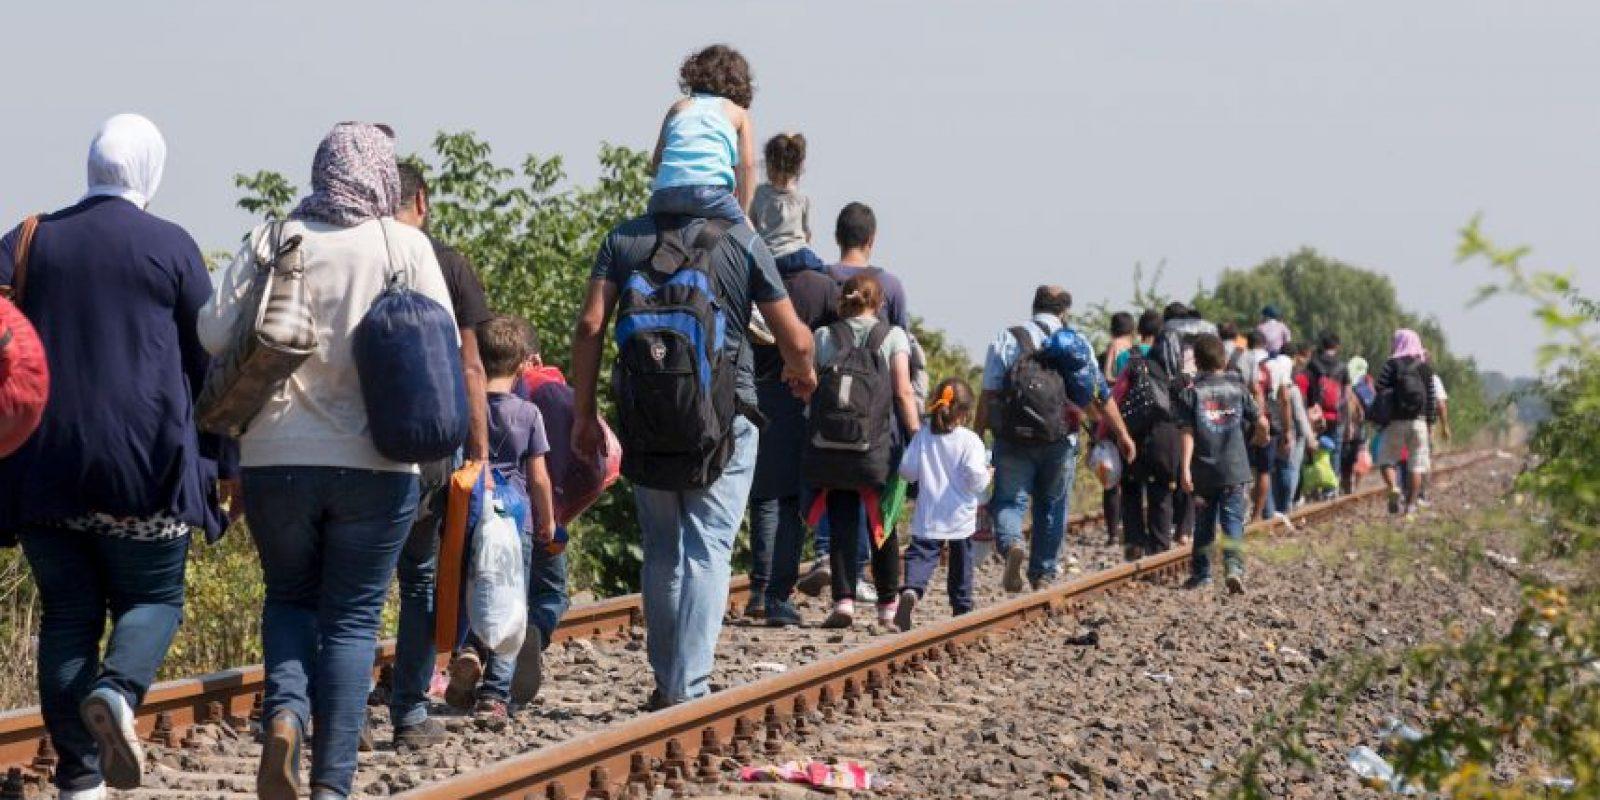 La situación luce del todo inexplicable, porque tanto los niños como los adultos se encontraban en condiciones físicas muy malas. Foto:Getty Images